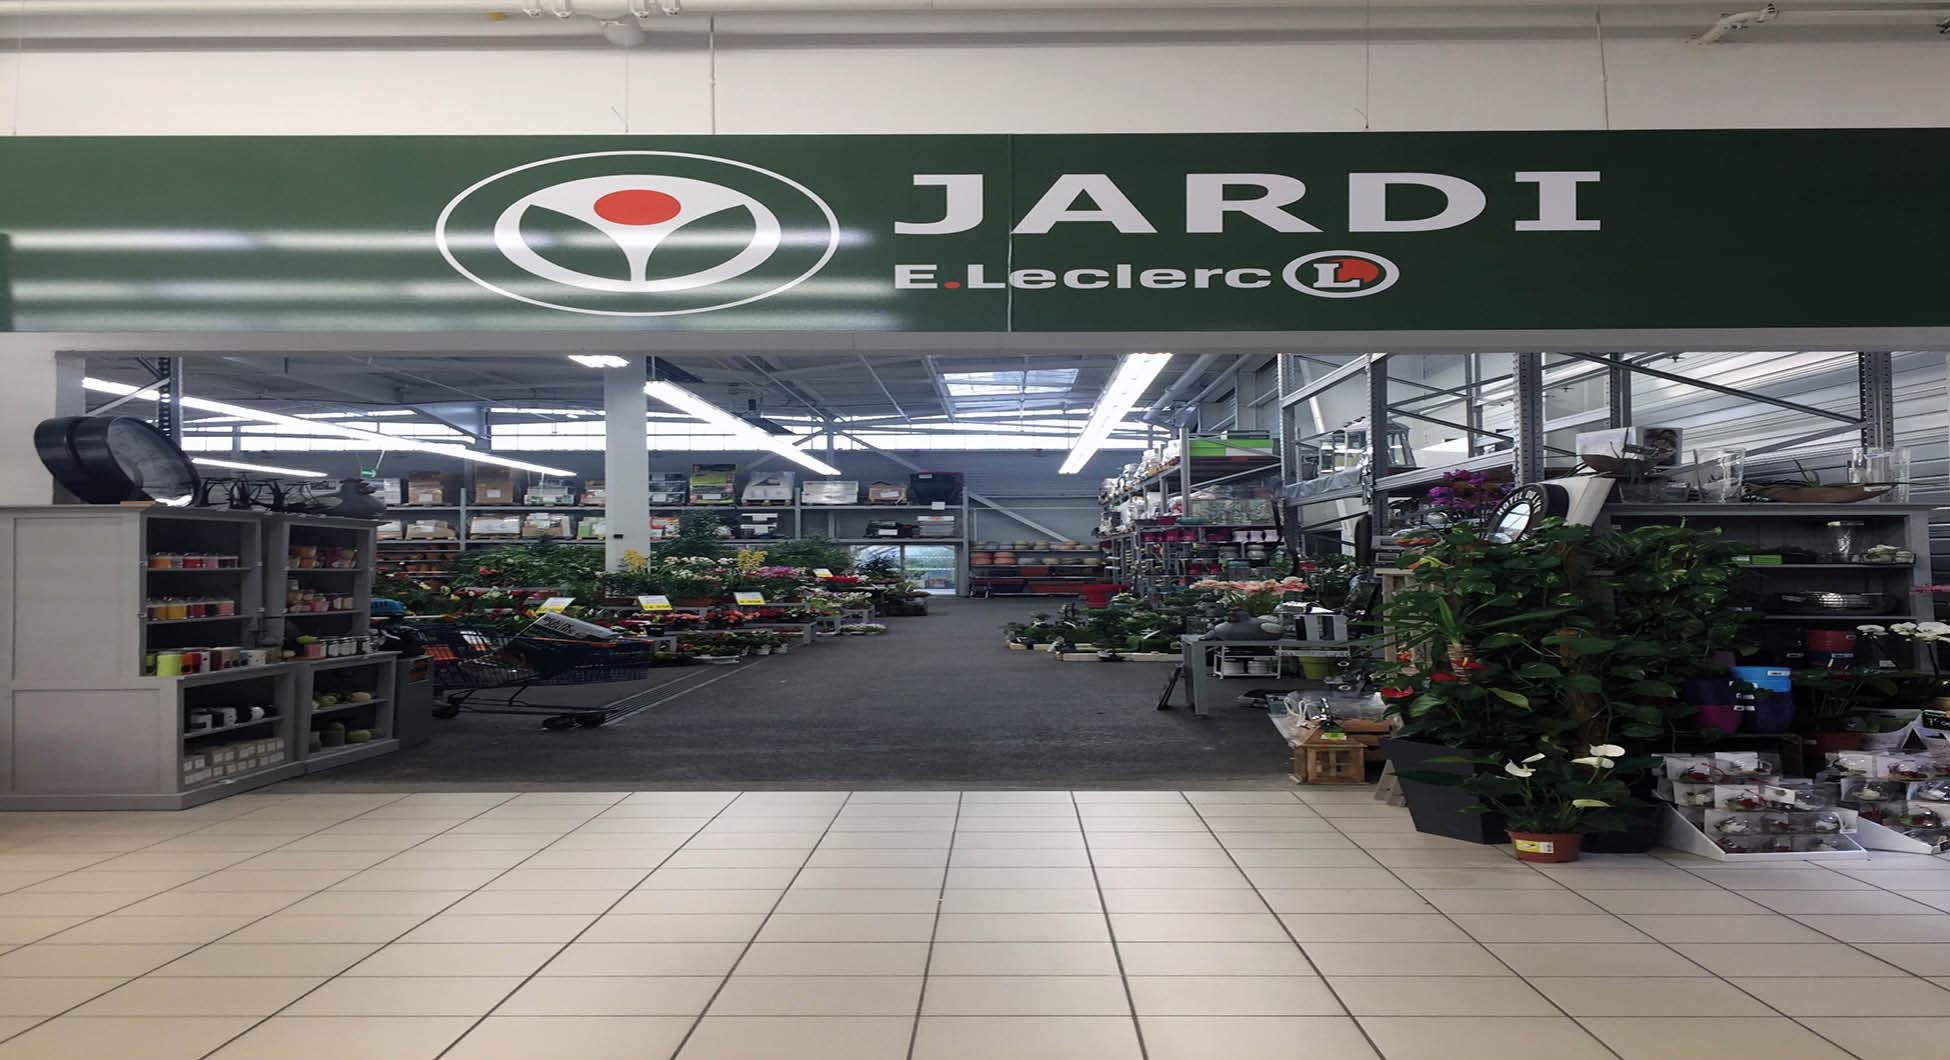 E.leclerc Rochefort Sur Mer - Rochefort - Jardi encequiconcerne Leclerc Mobilier De Jardin